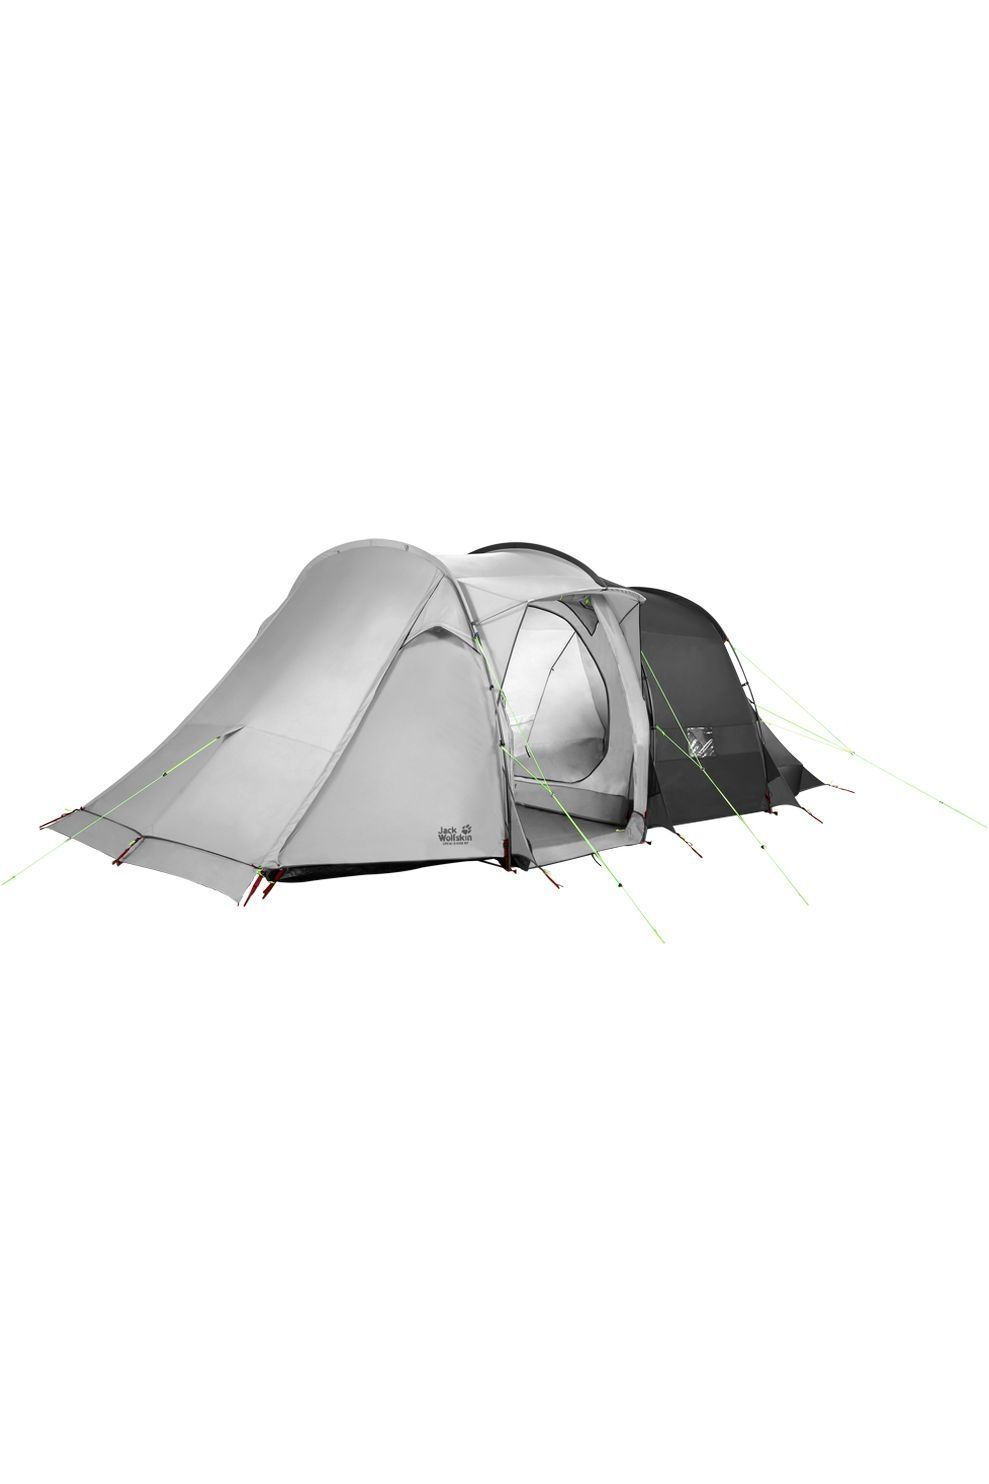 Jack Wolfskin Tent Great Divide RT - Grijs